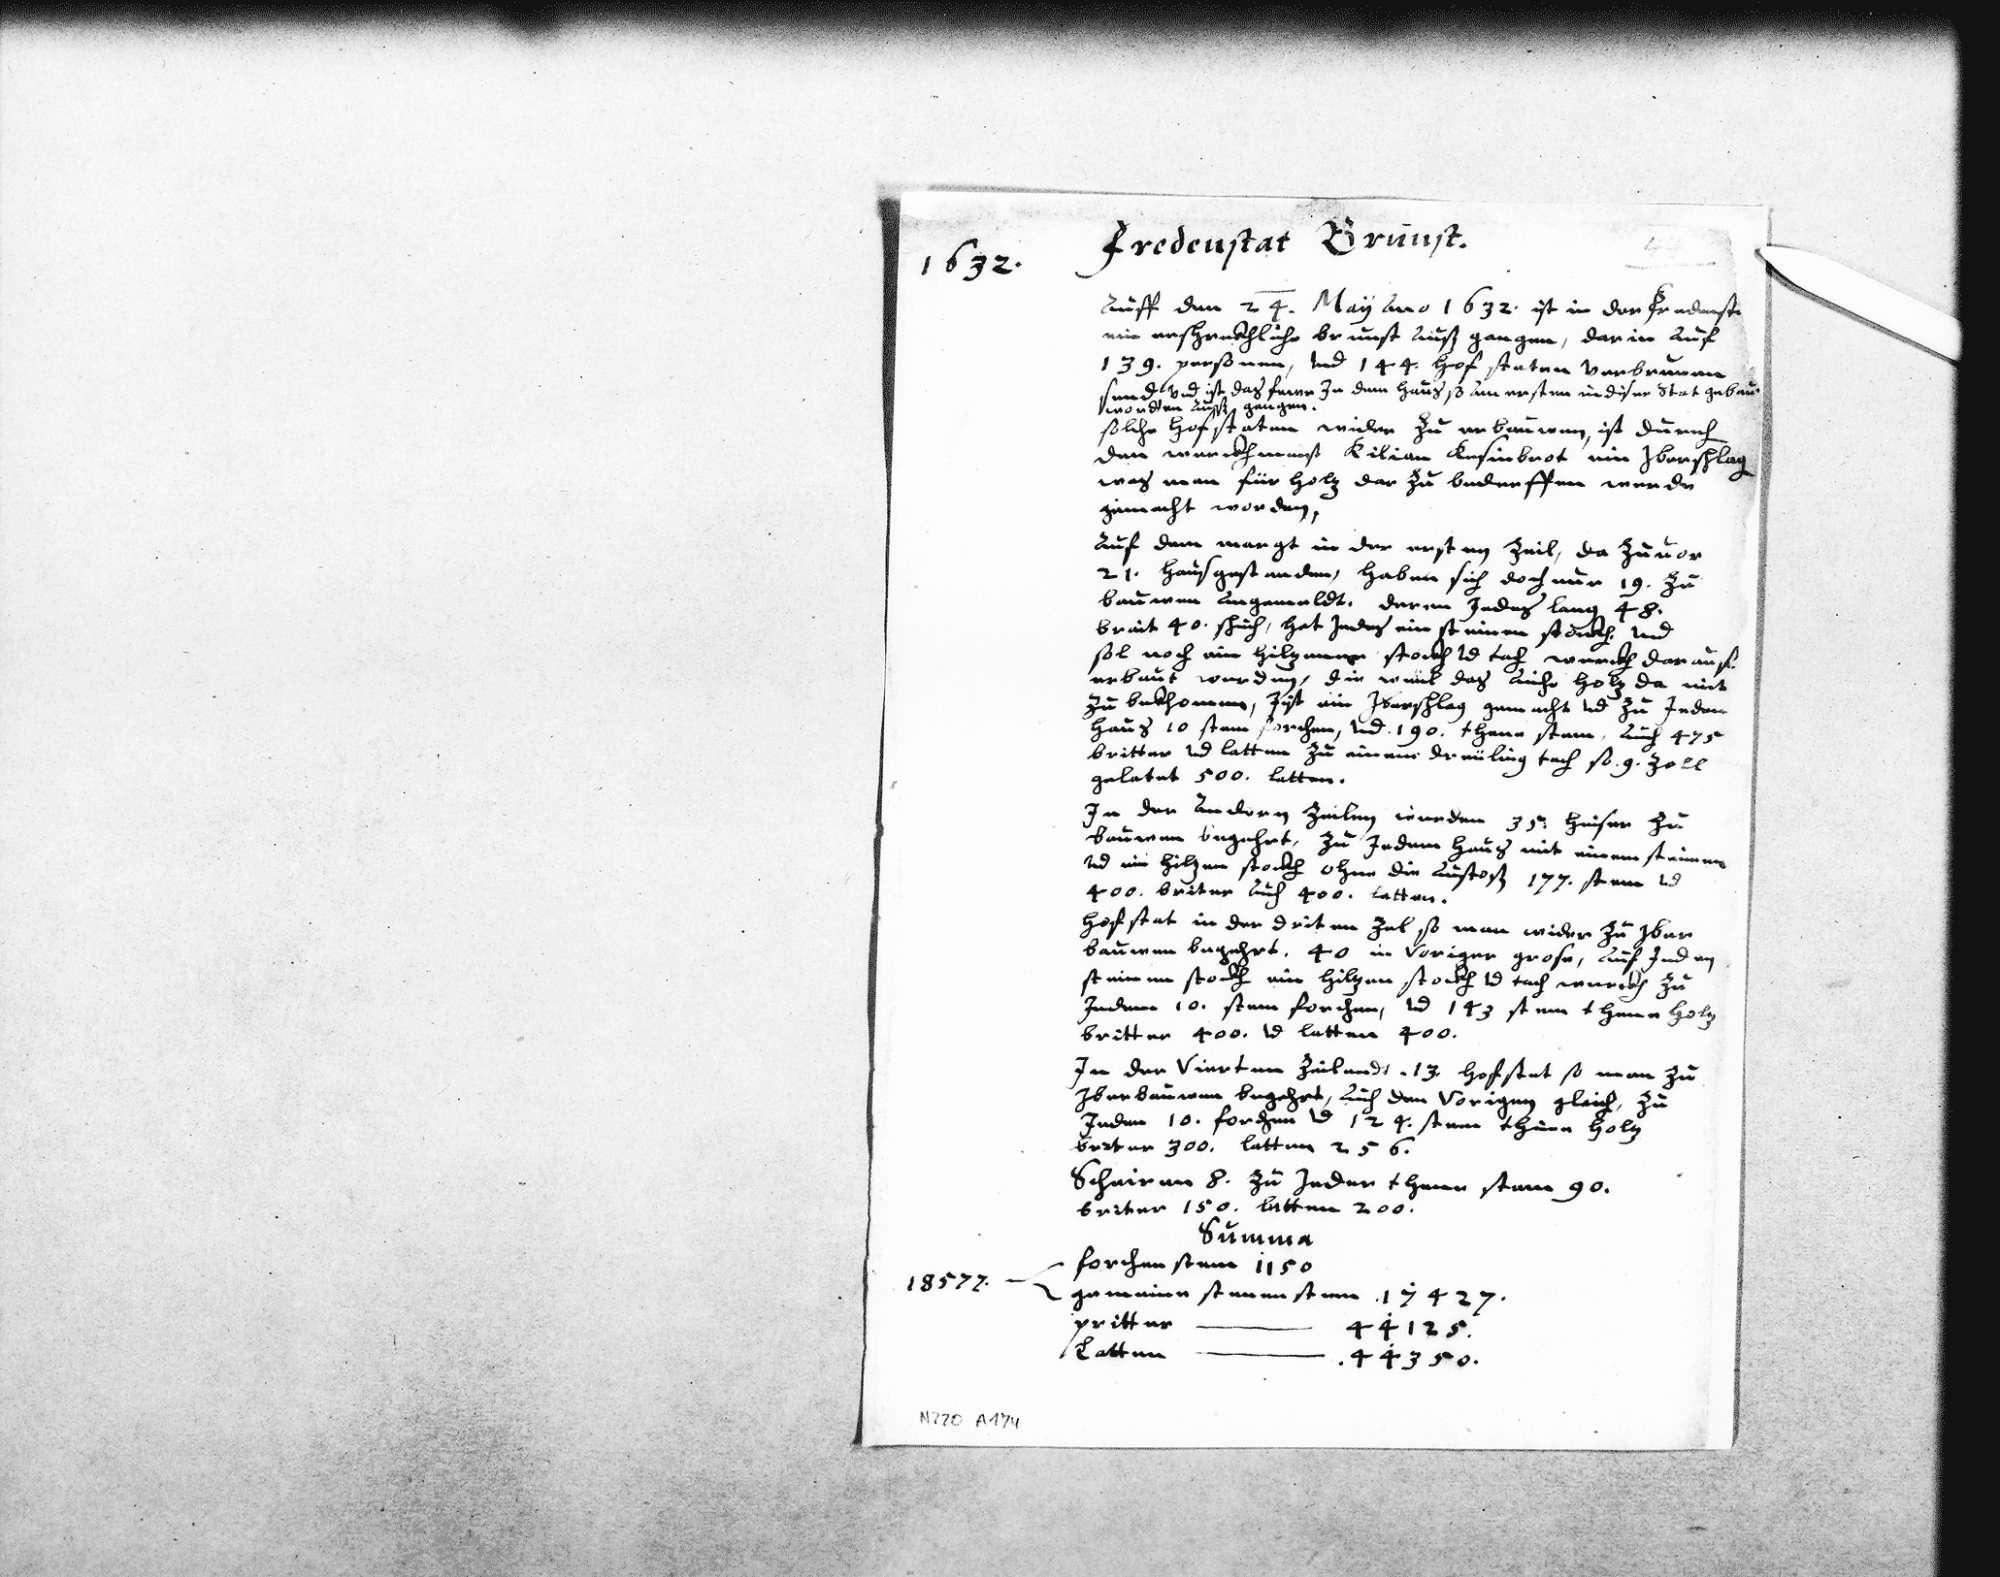 Aufzeichnung Schickhardts über den Brand am 24. Mai 1632, der 139 Personen und 144 Hofstätten kostete, mit Planung des Wiederaufbaus und Verzeichnis der erforderlichen Baumaterialien, Bild 1